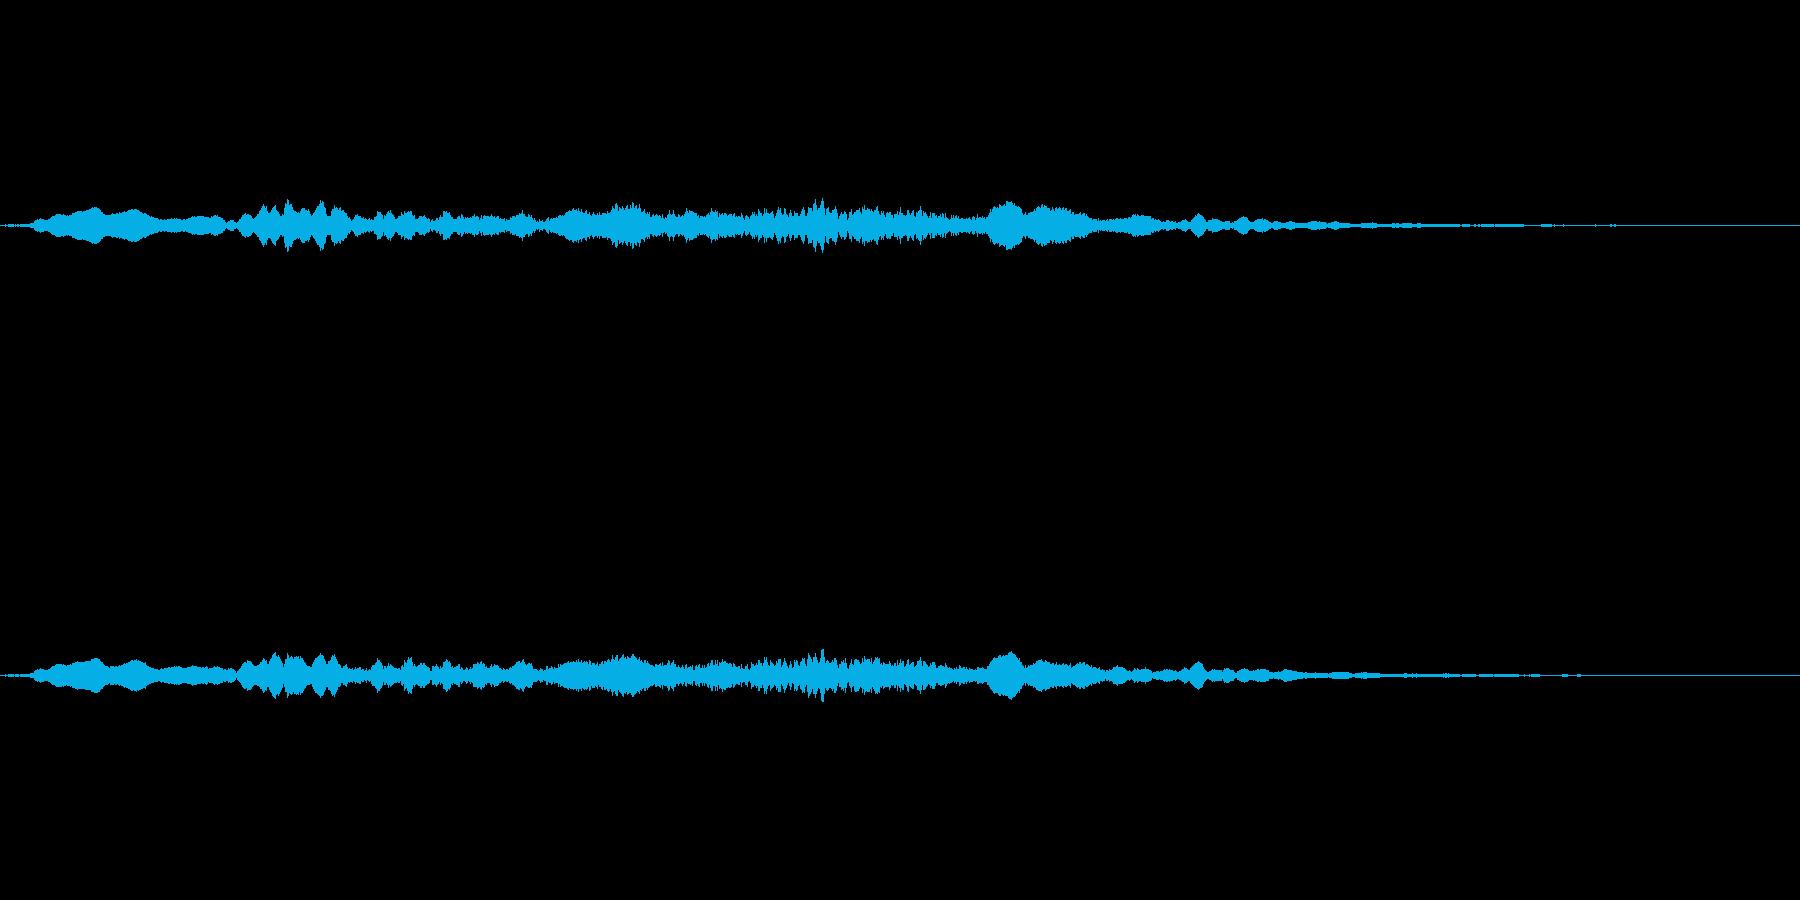 ホラー系の金属的な効果音の再生済みの波形